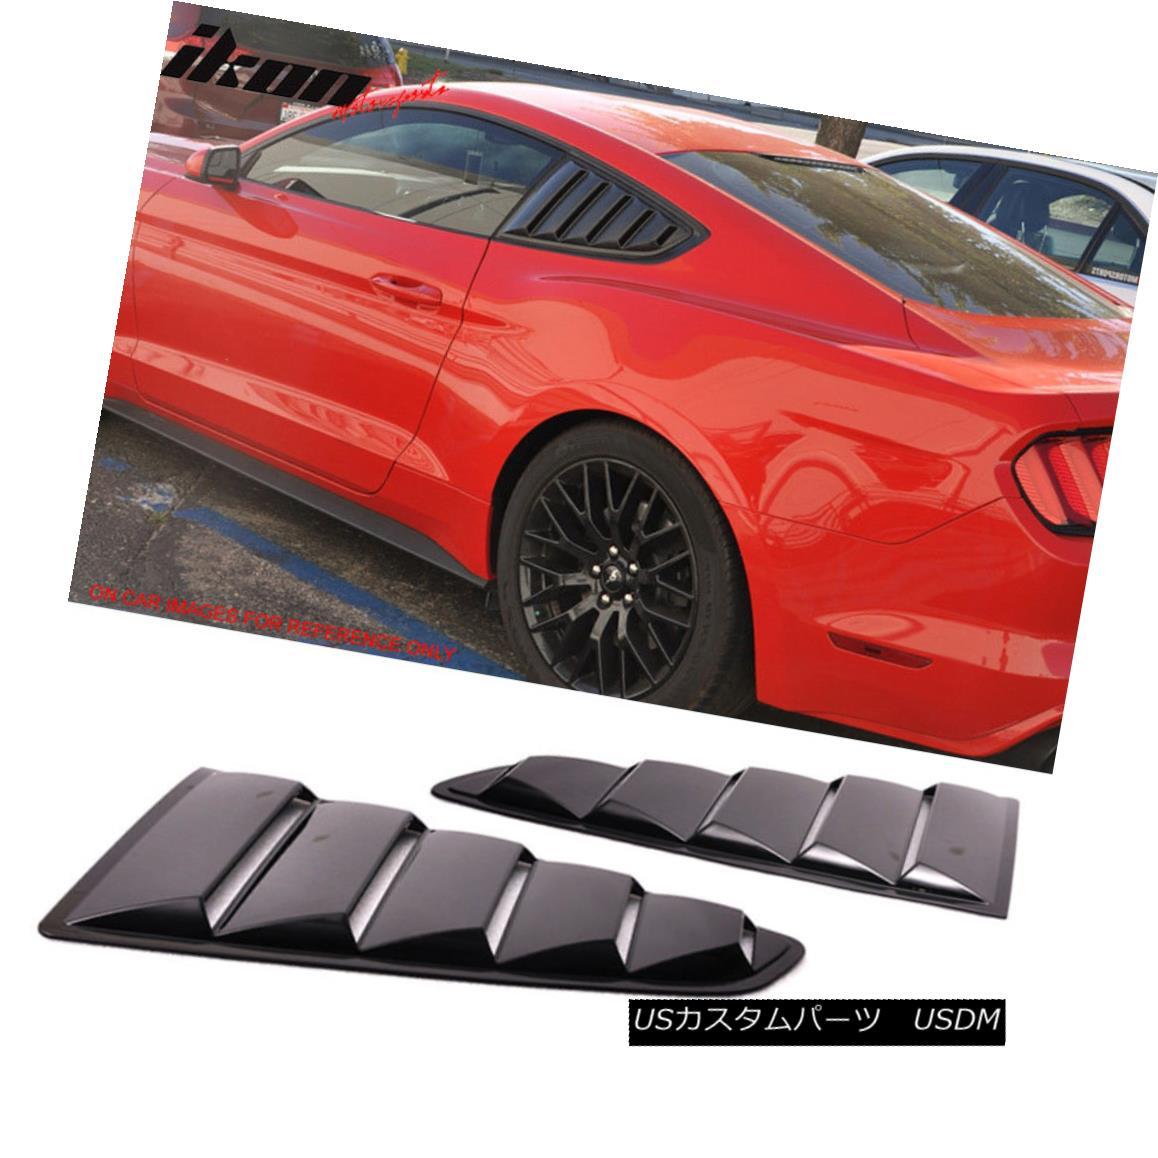 エアロパーツ Fits 15-18 Mustang OE Style Painted #G1 Shadow Black Side Window Louvers Pair フィット15-18のマスタングOEのスタイルは、#G1シャドーブラックサイドウィンドウのルーバーペアを描いた